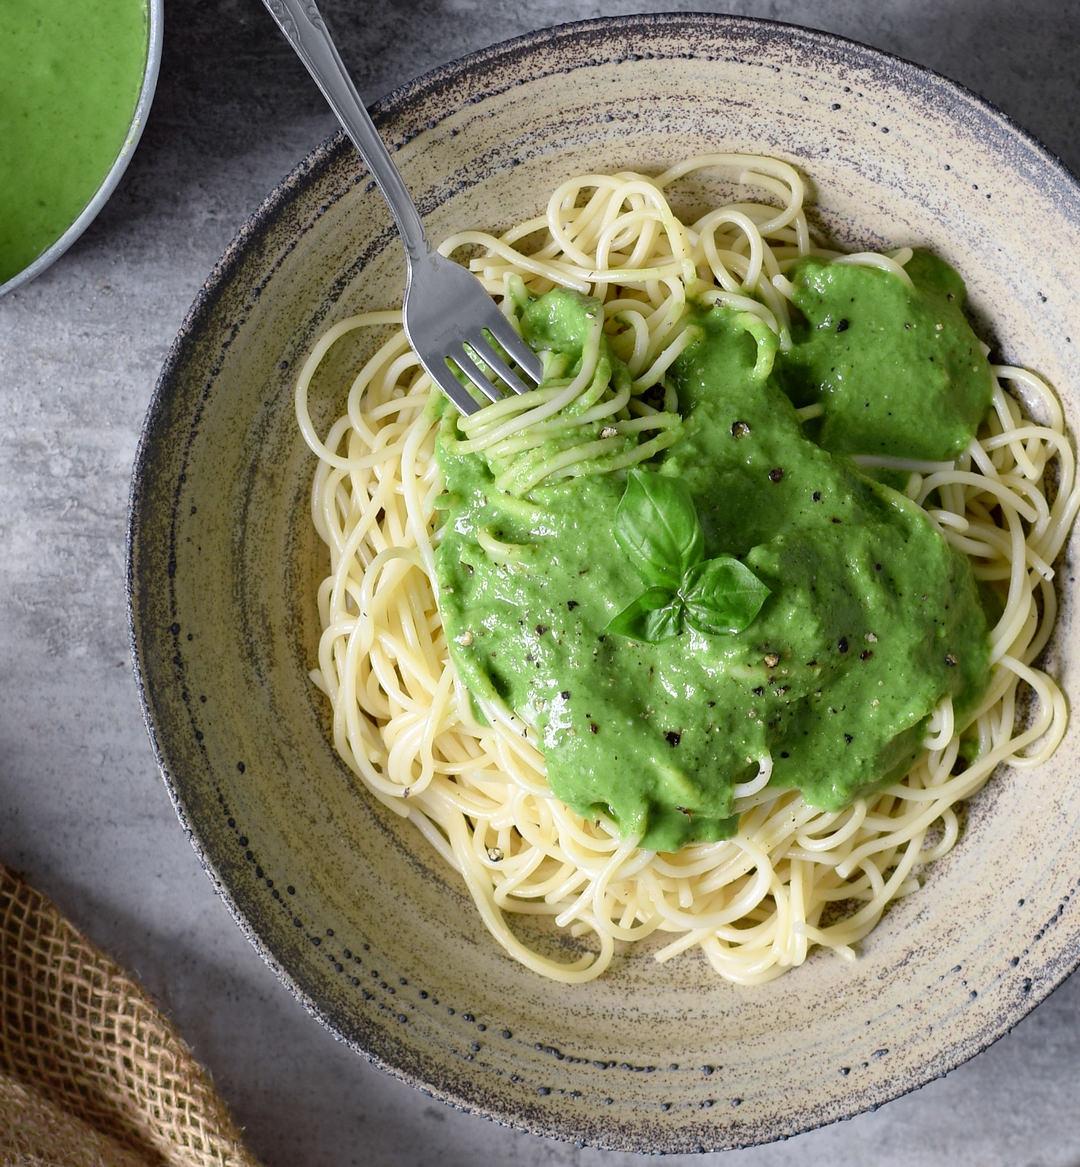 Vegetarian Sauces Recipes  Vegan spinach pasta sauce